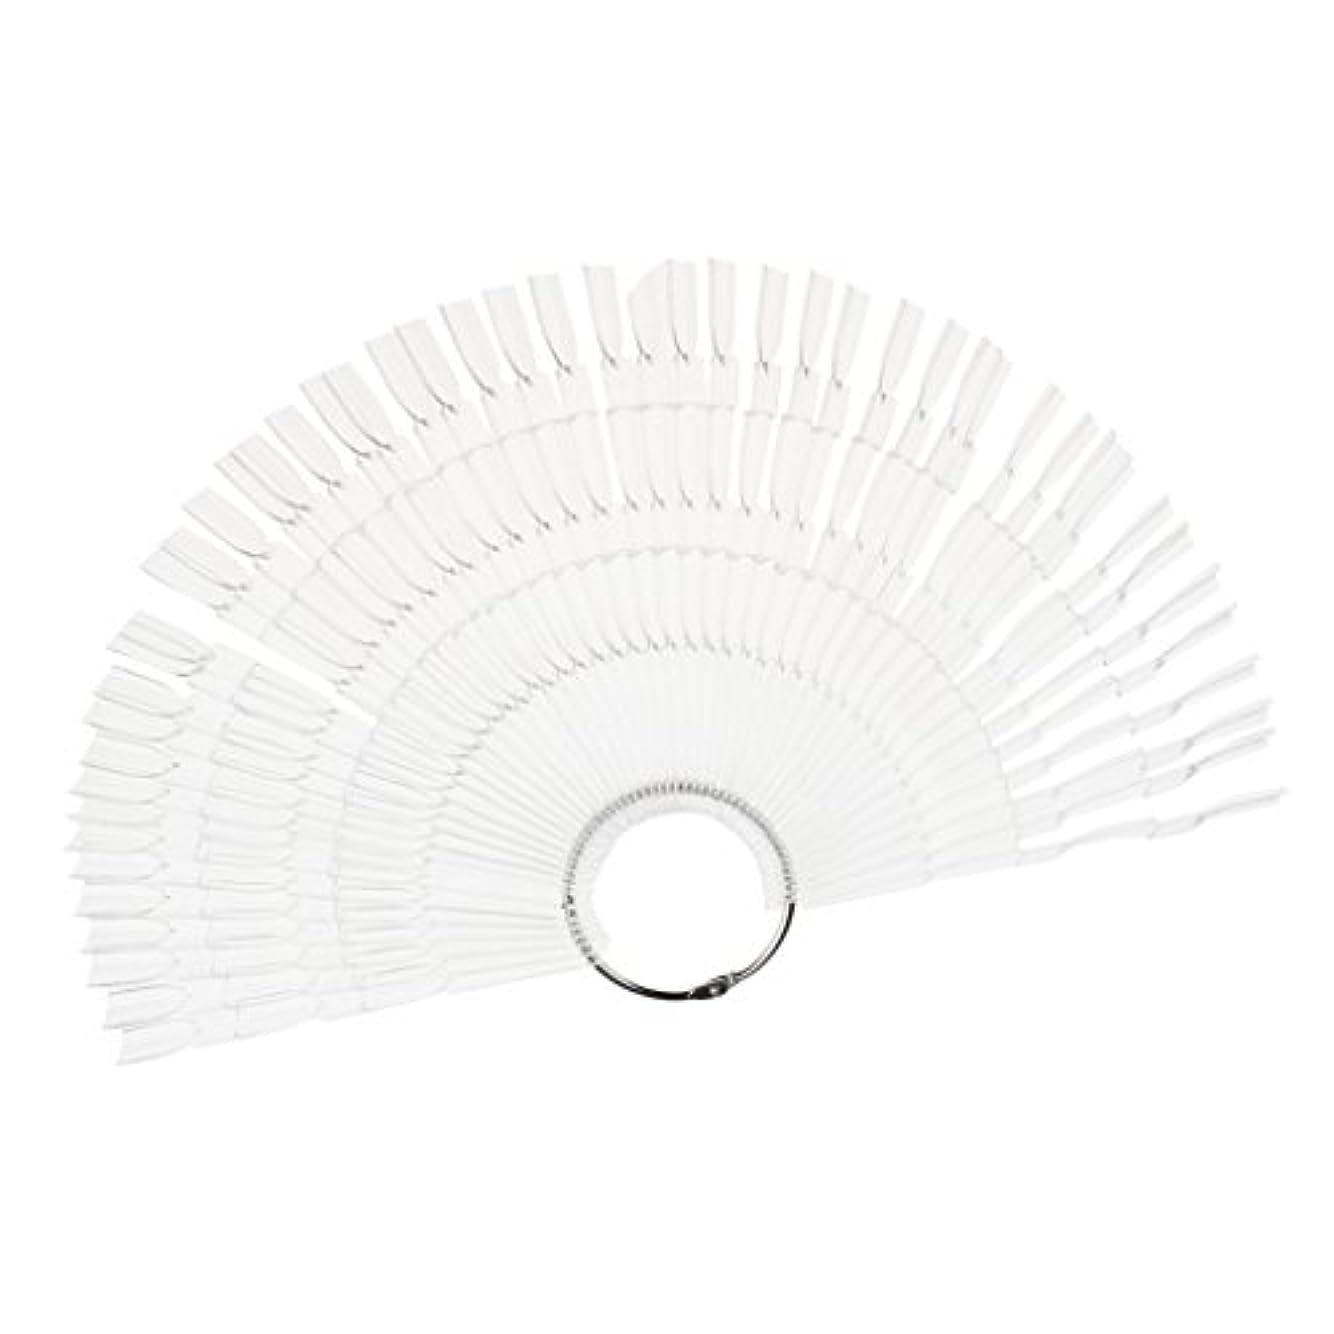 放棄する自慢封建ネイルアート カラー表示チャート 約50個の扇形ヒント ネイルパレット 2タイプ選べる - クリア